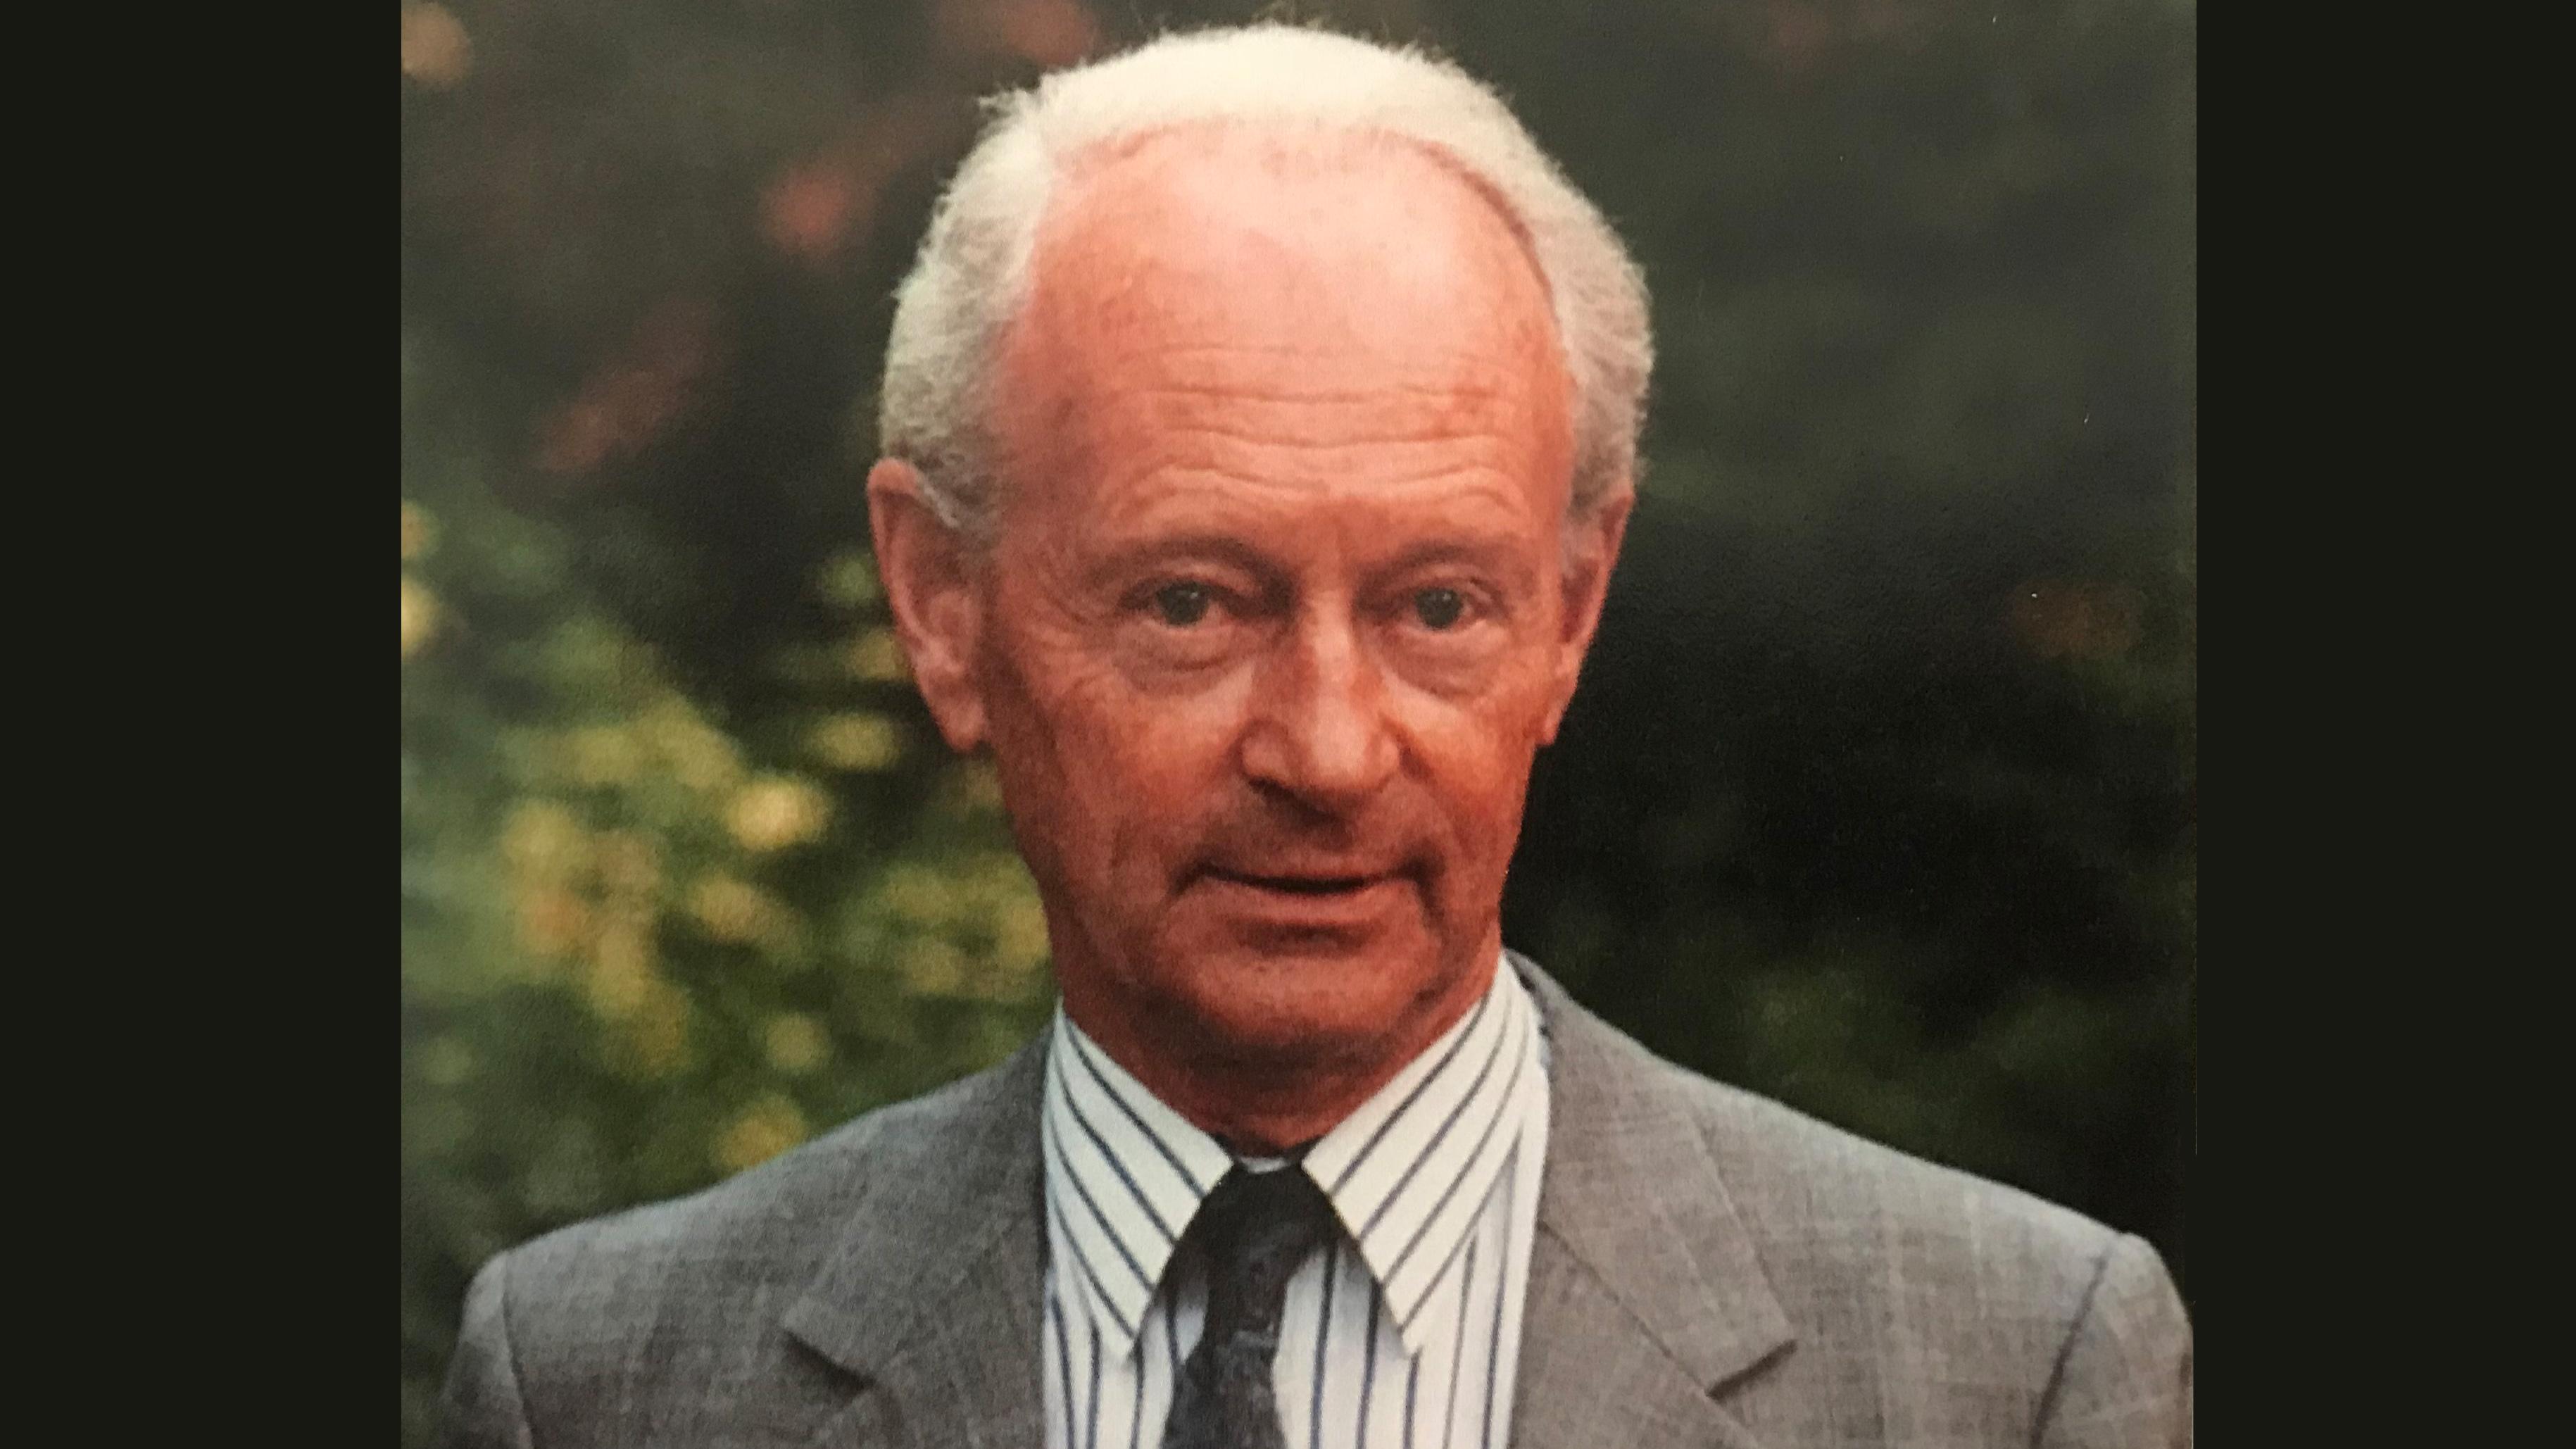 Ludwig Theodor von Rautenstrauch